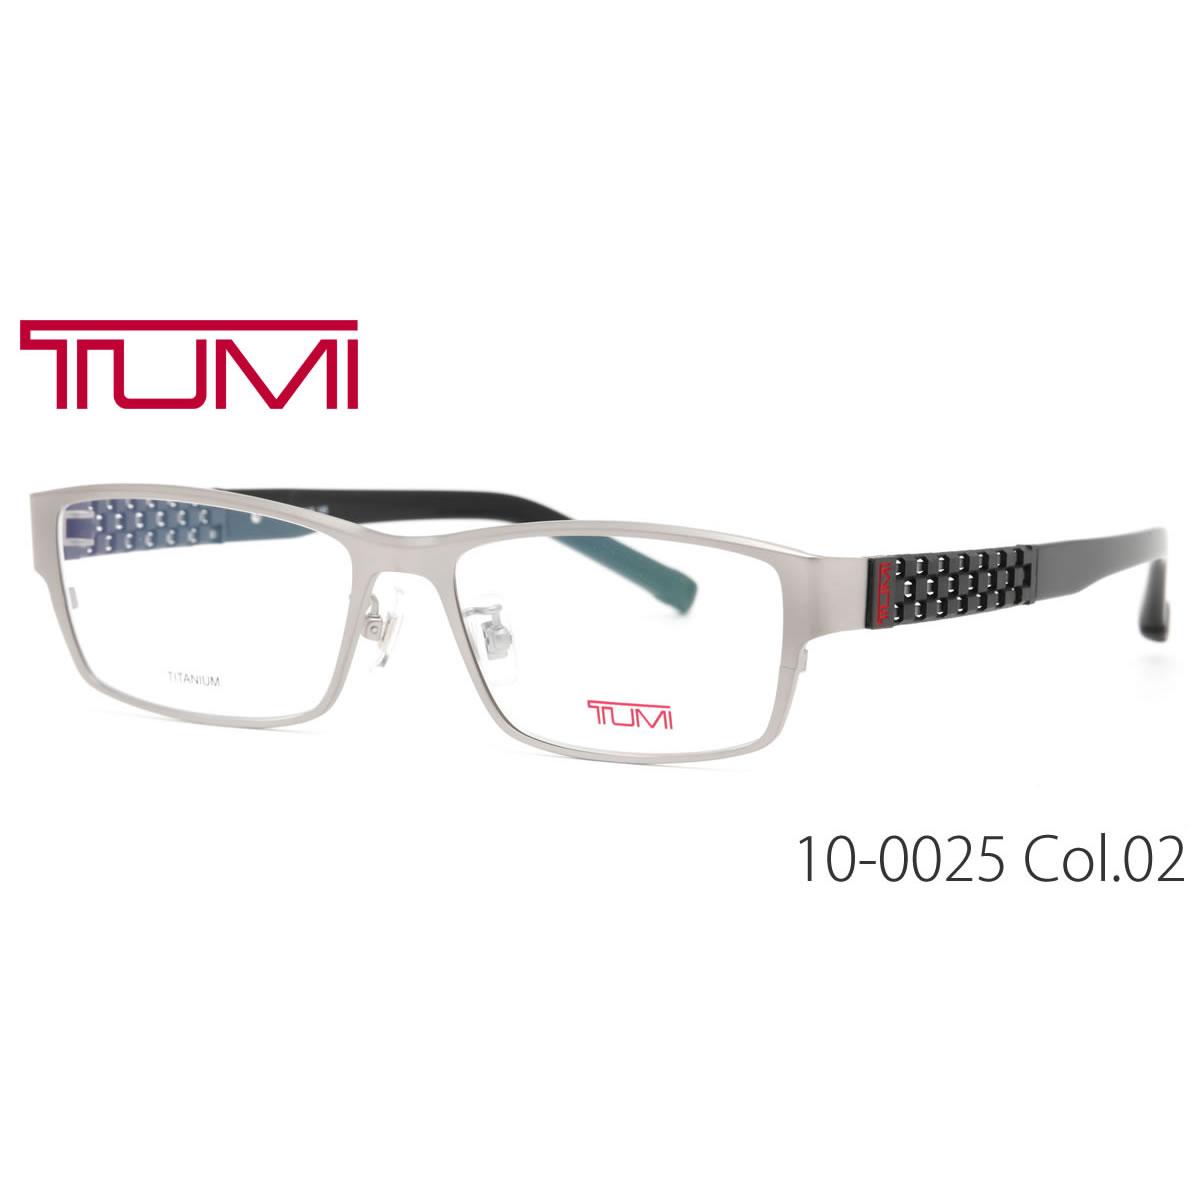 トゥミ メガネ 10-0025 02 54サイズ TUMI ビジネスバッグで人気のブランド メンズ